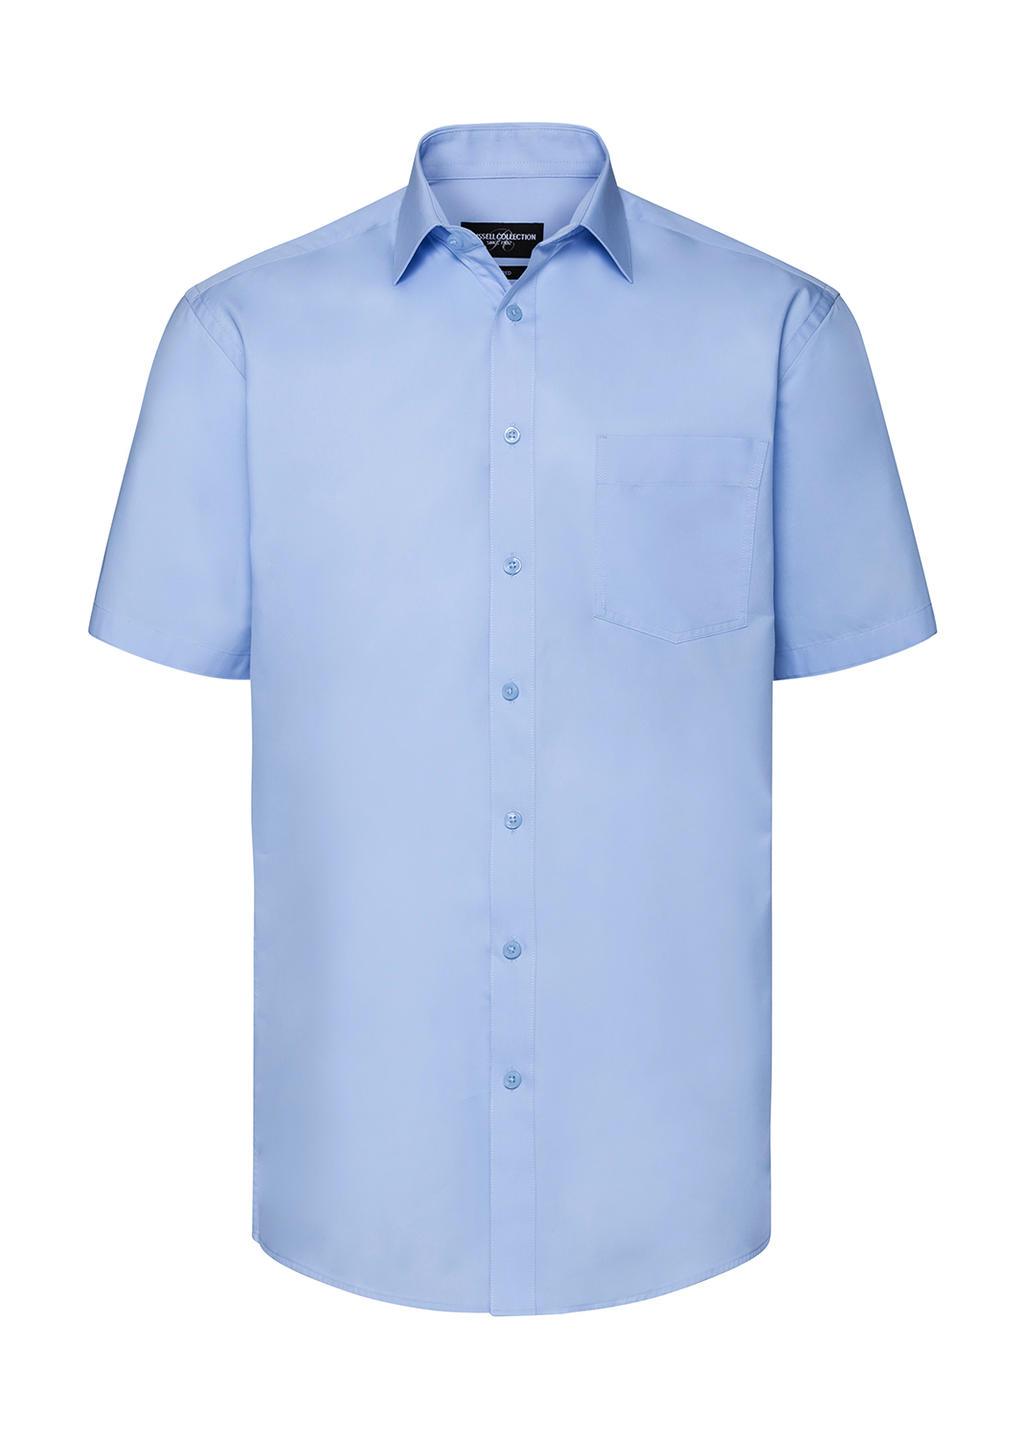 Pánská košile s kr.ruk. Tailored Coolmax® - zvìtšit obrázek